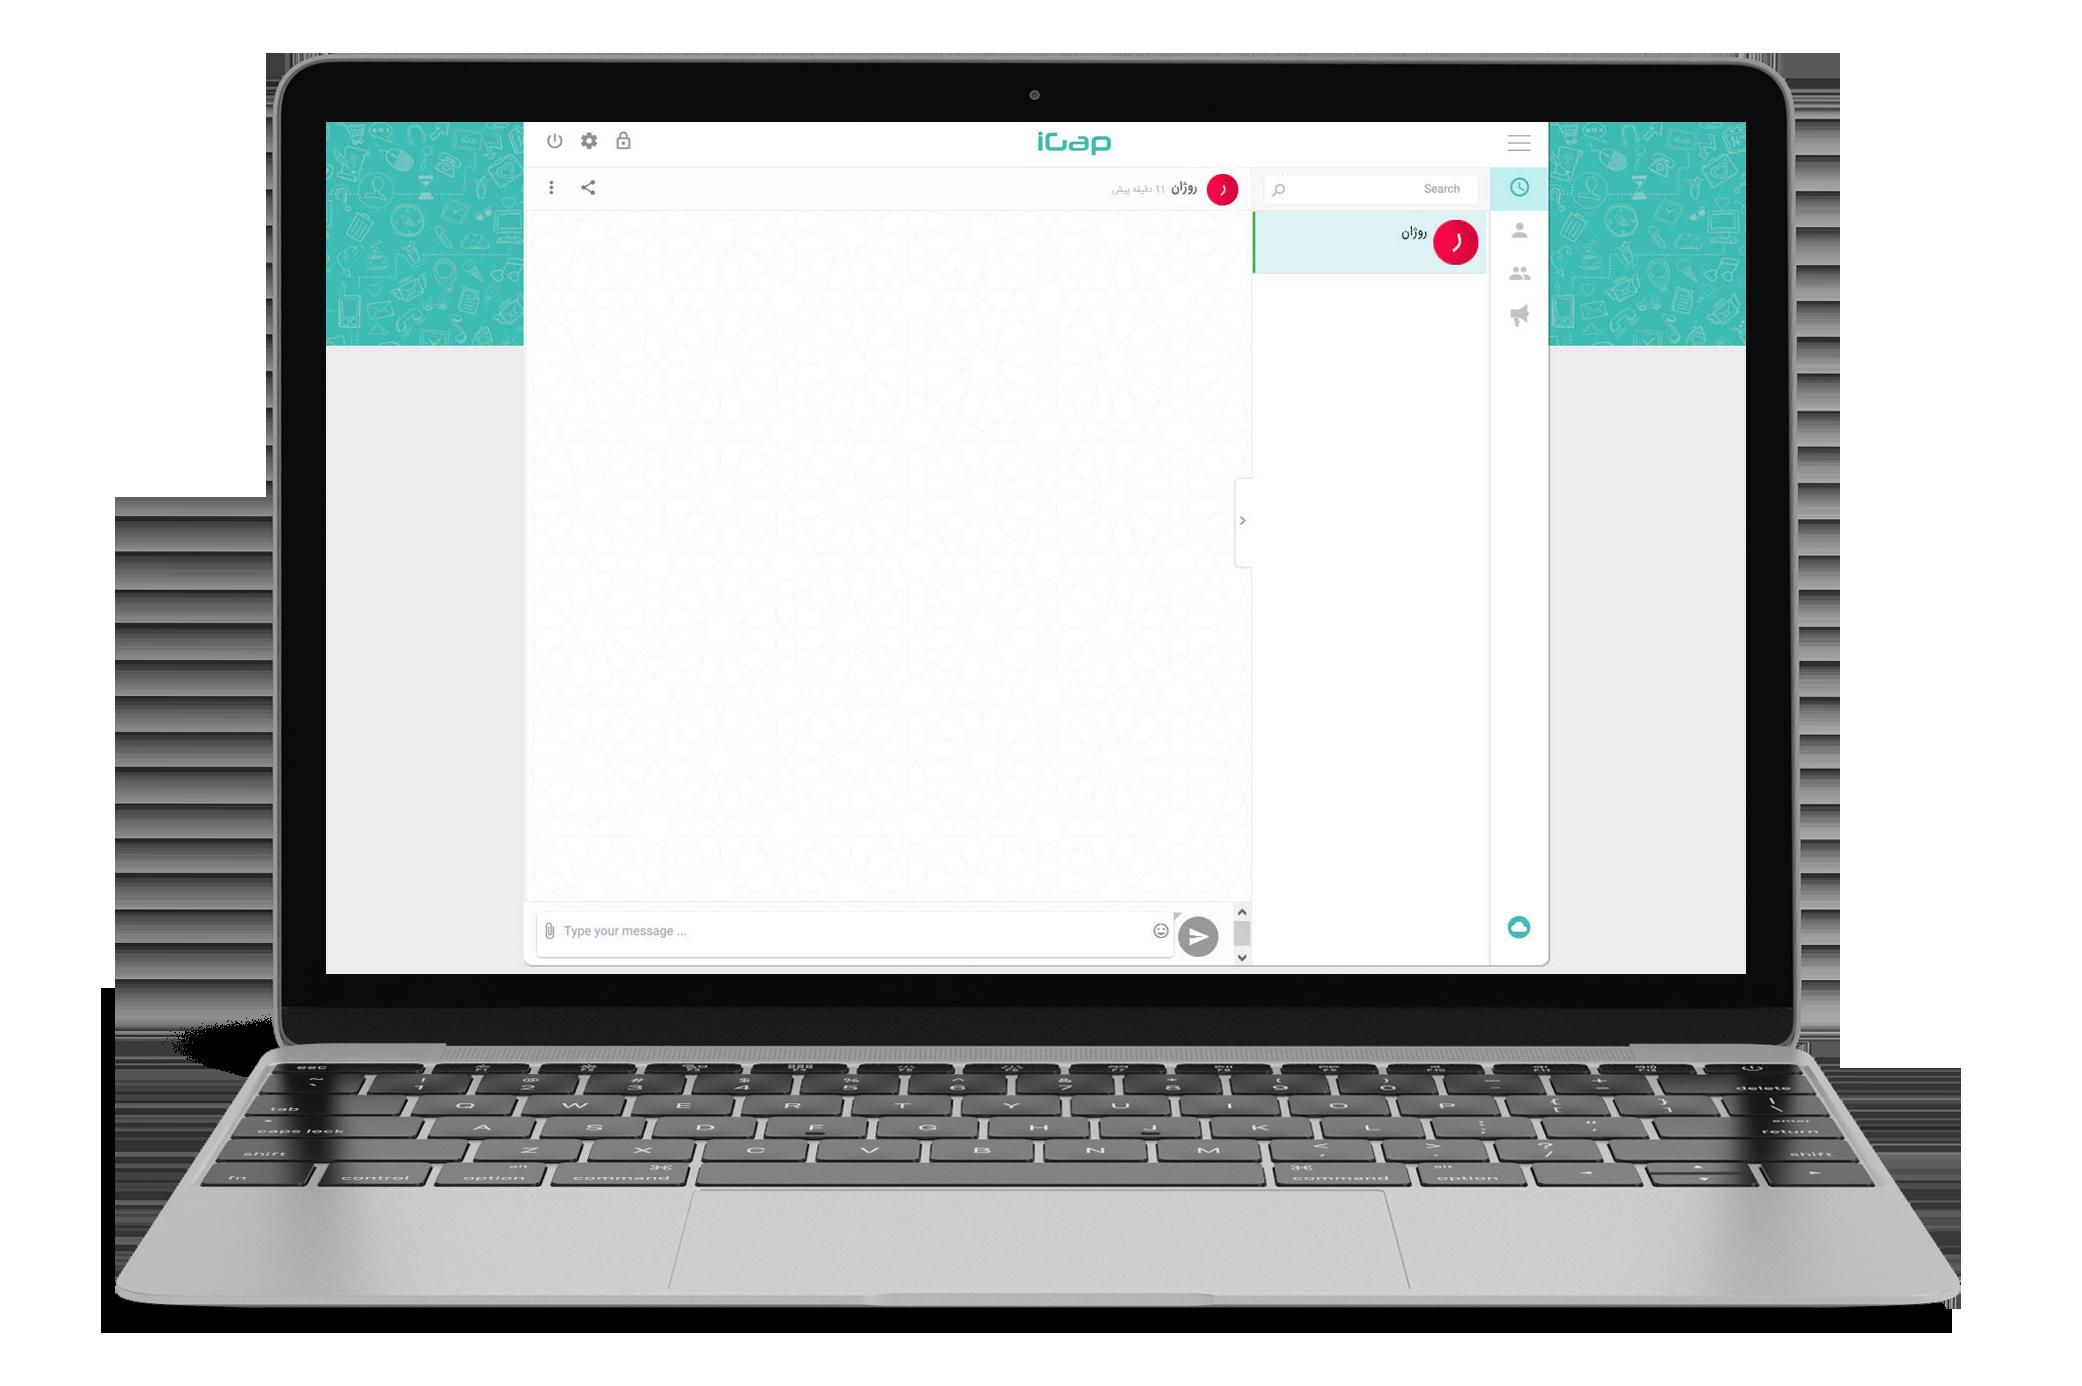 شروع گفتگوی جدید در نسخه وب آیگپ